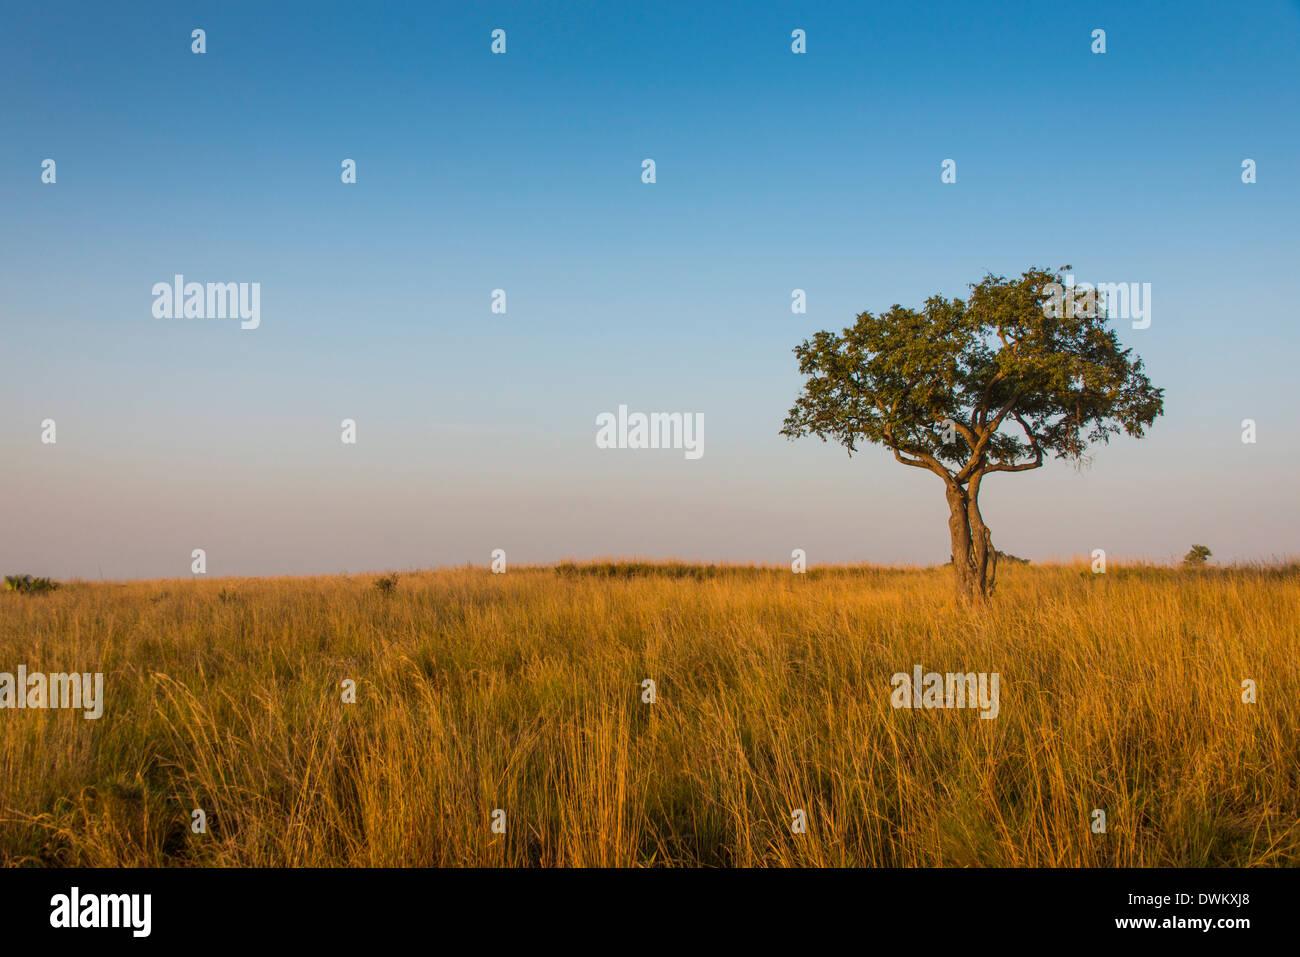 Lonely tree dans la savane du Parc National Murchison Falls, en Ouganda, en Afrique de l'Est, l'Afrique Photo Stock